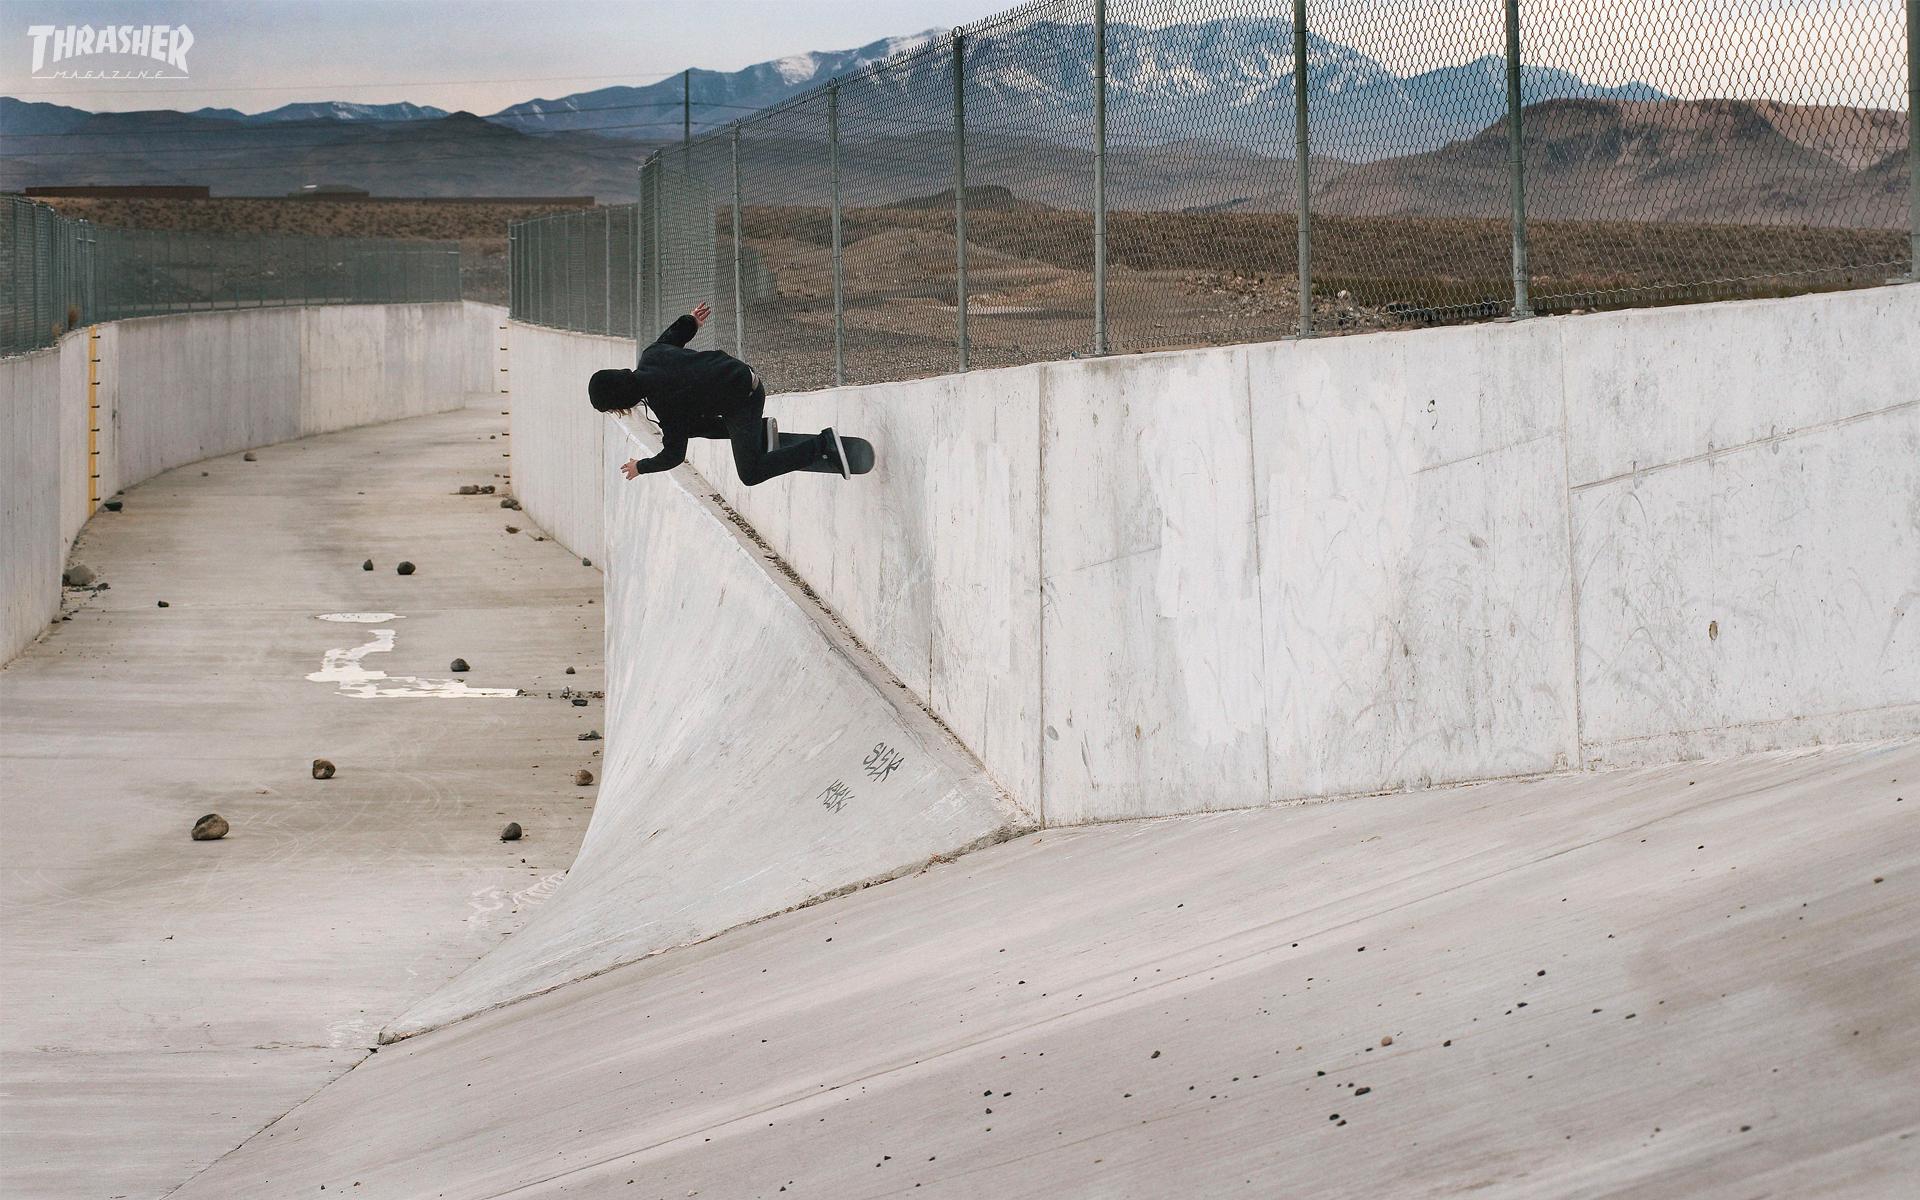 New Skateboard Wallpapers 1SKATEBOARDING IS NOT CRIME 1920x1200